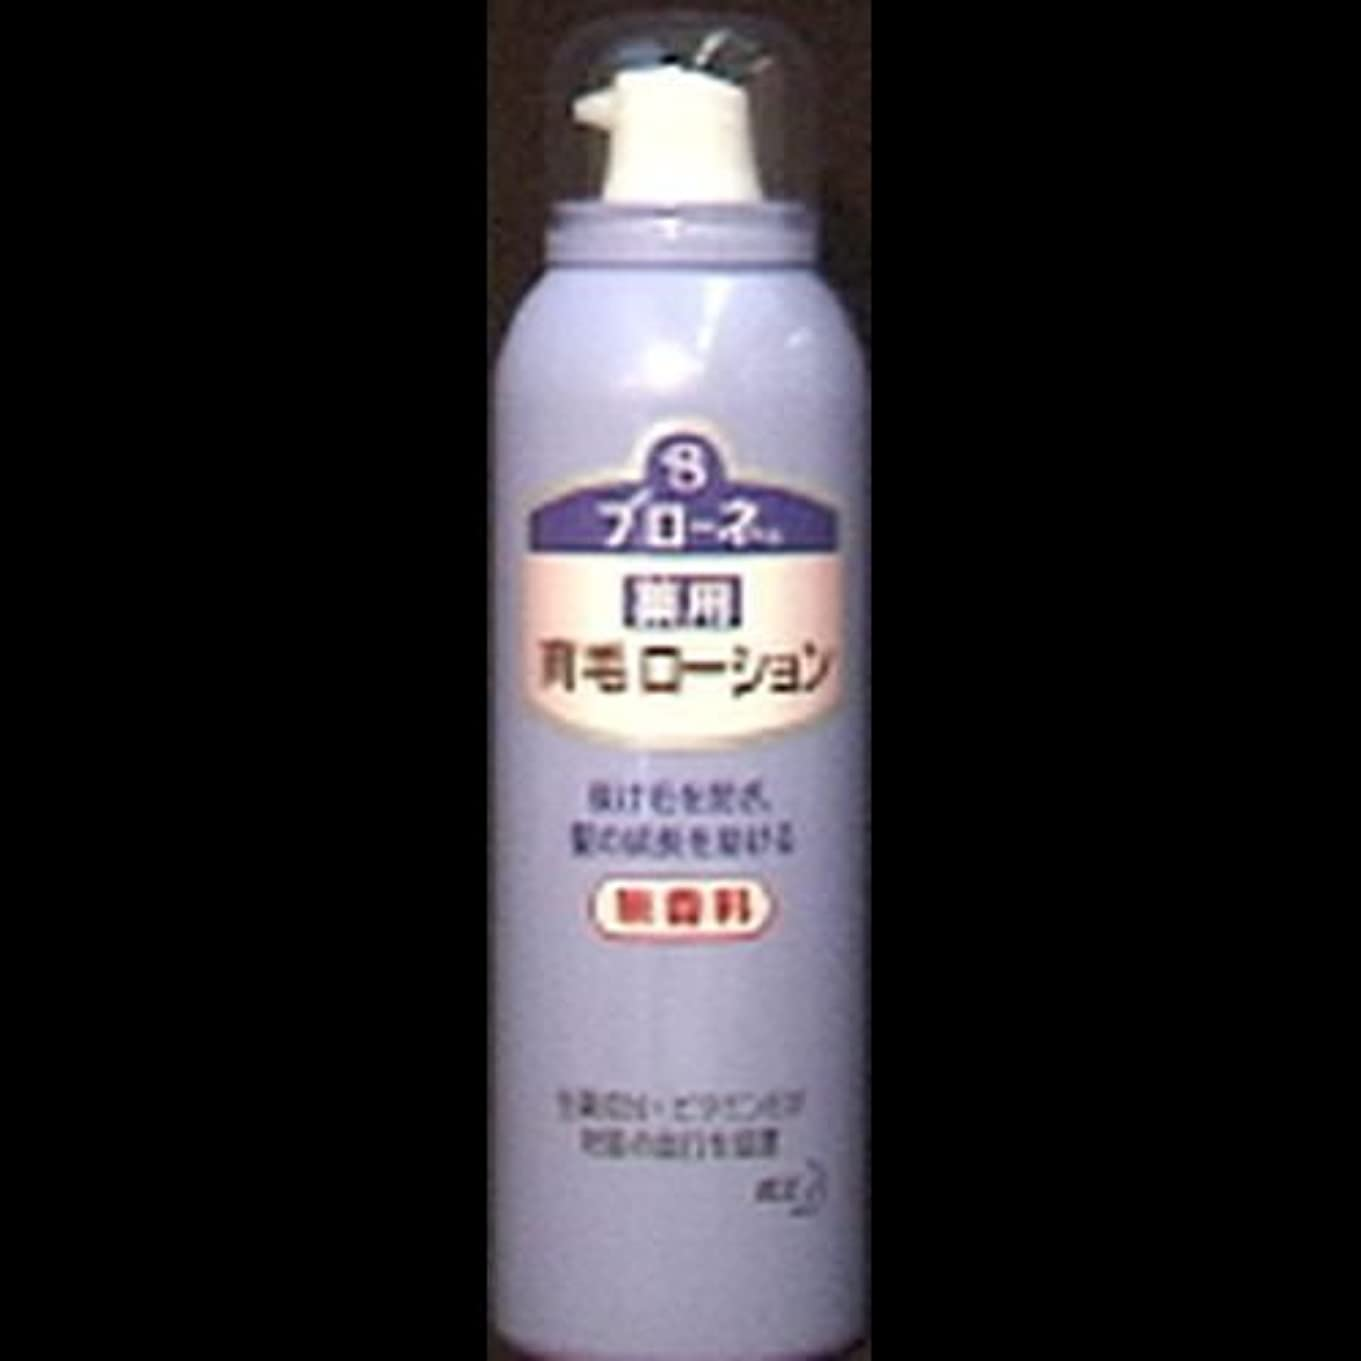 病院バース妥協【まとめ買い】ブローネ 薬用育毛ローション 無香料(180g) ×2セット